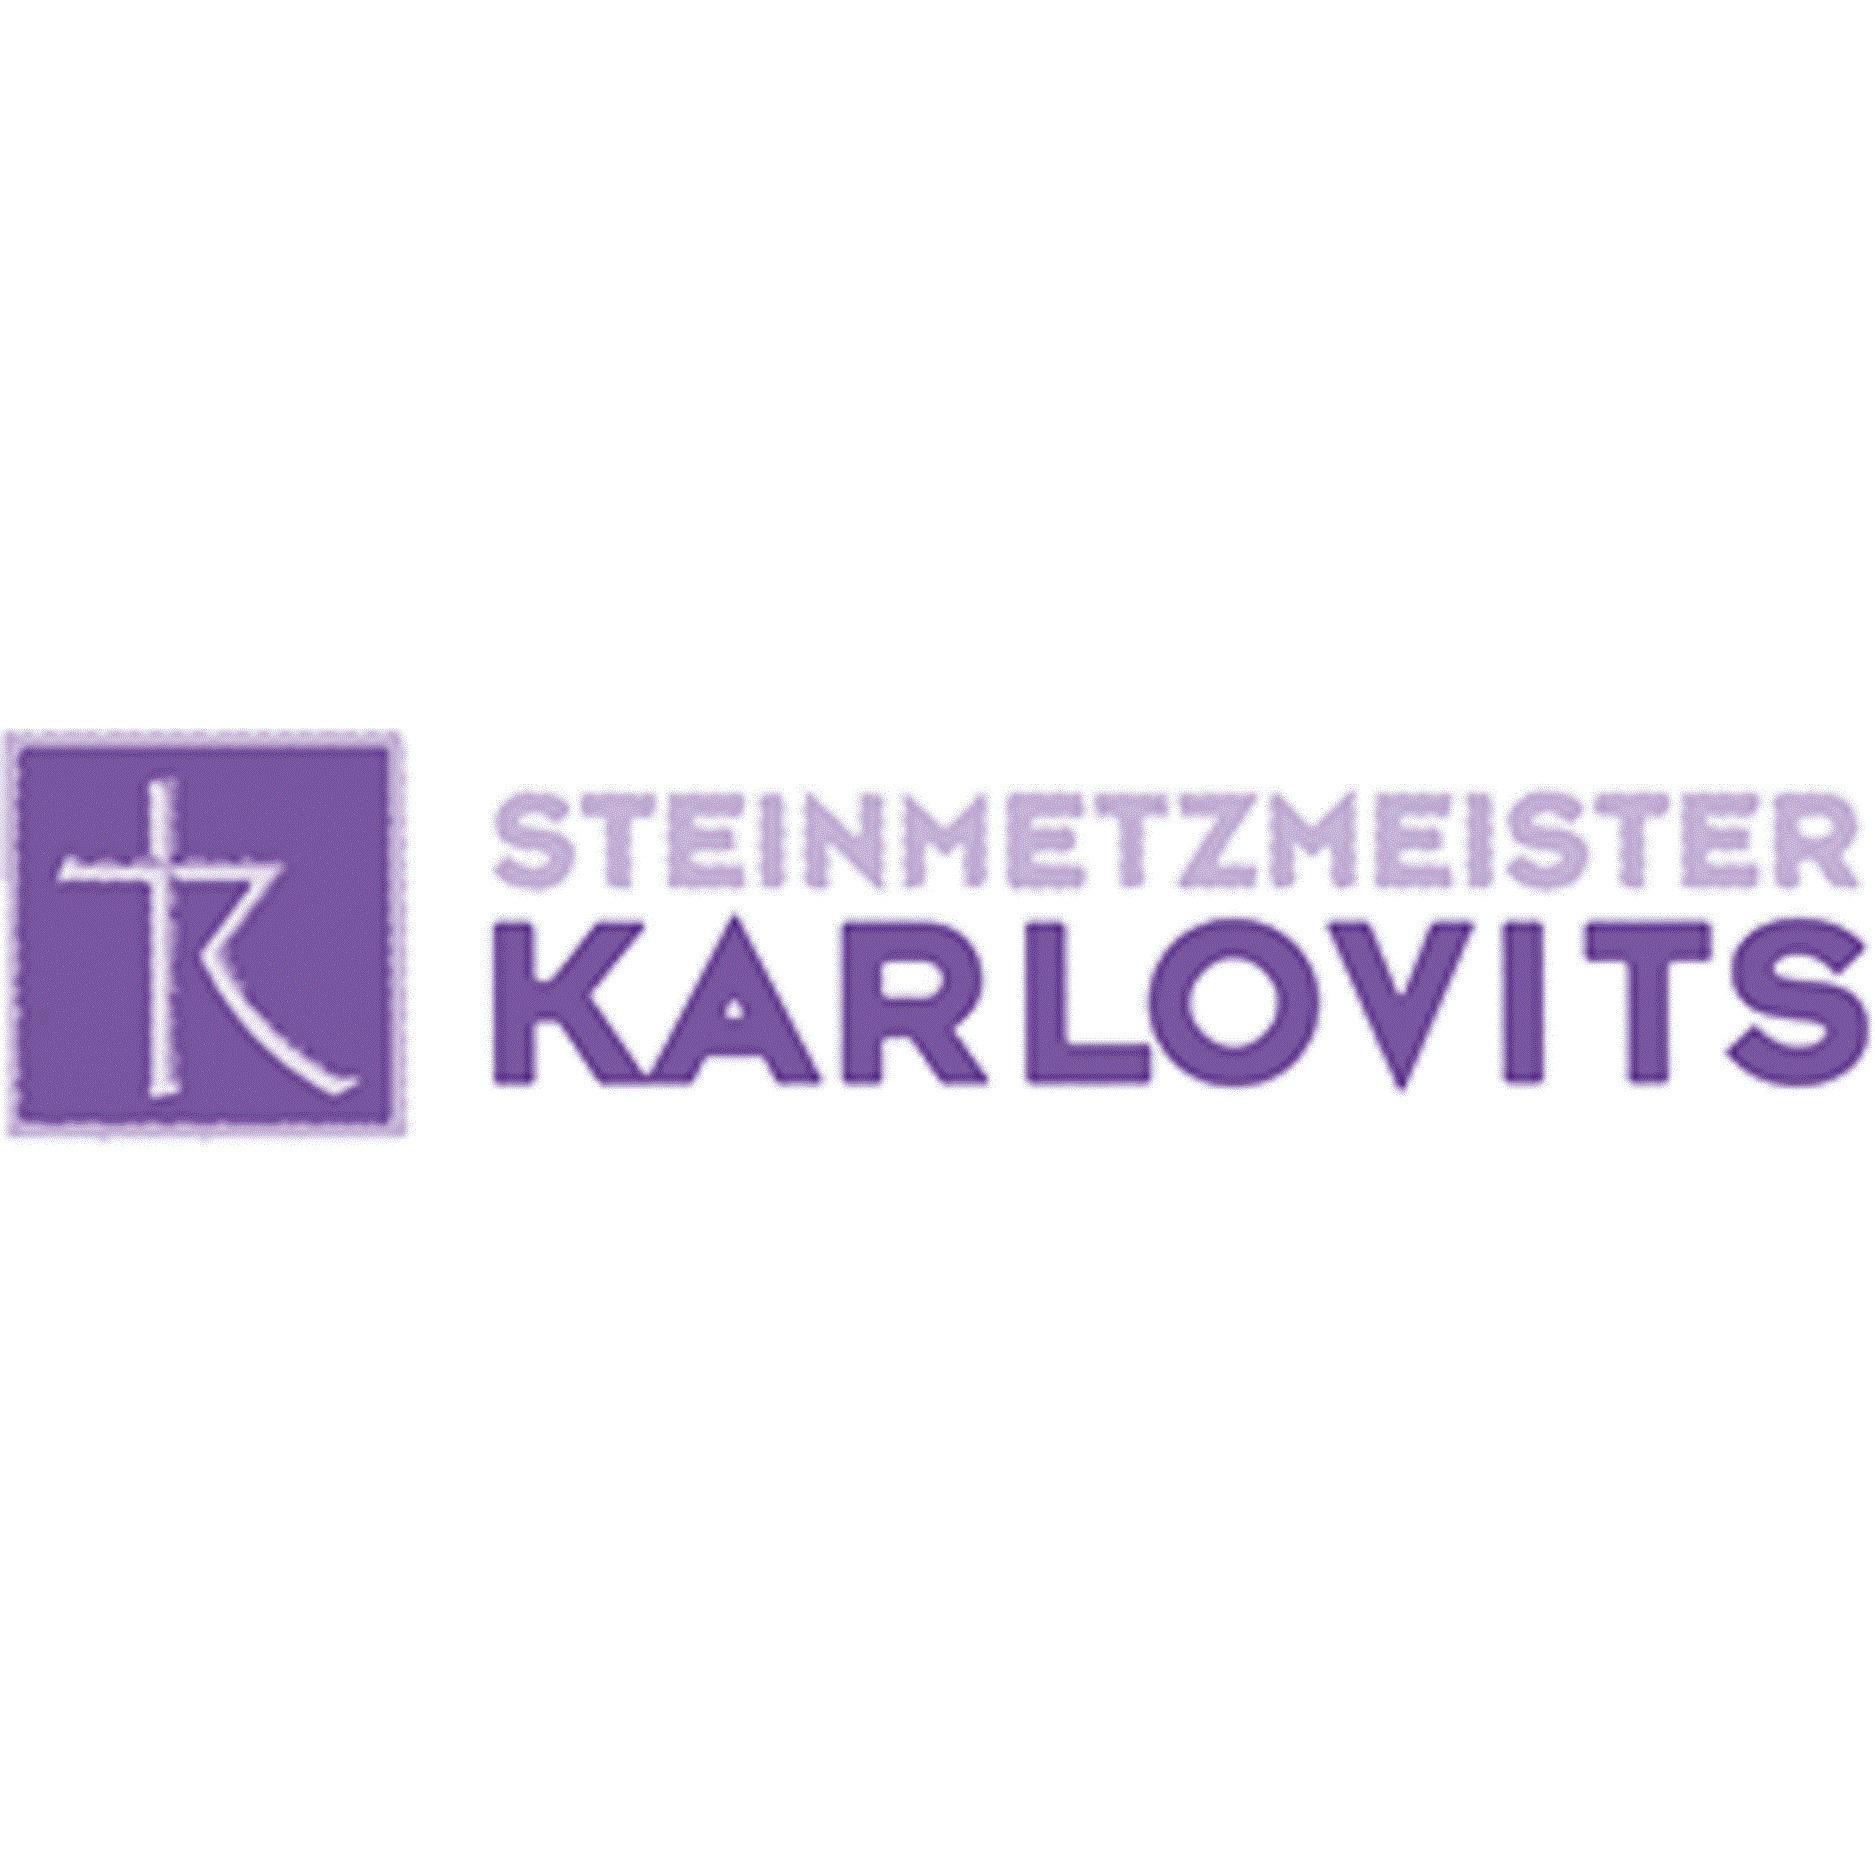 Karlovits Steinmetzbetrieb